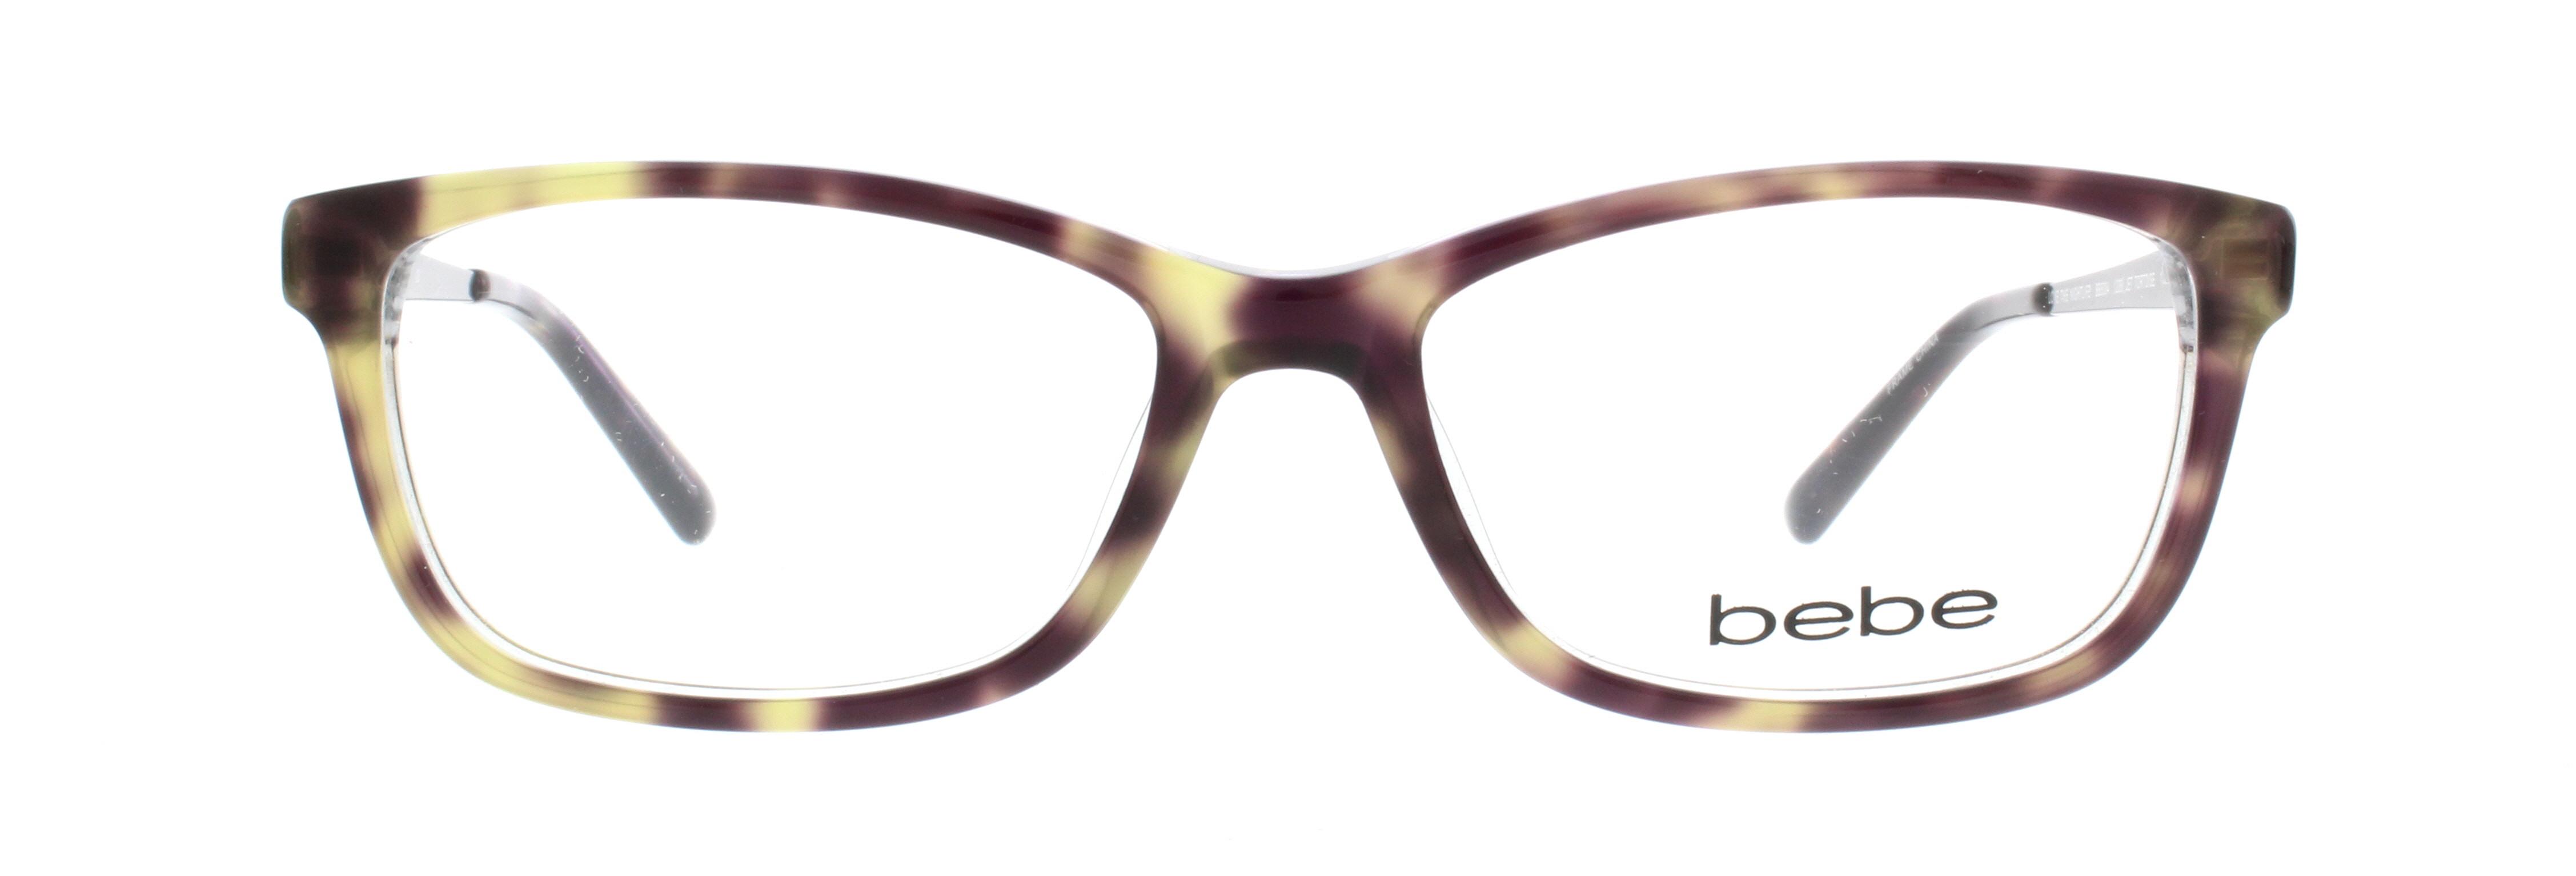 Designer Frames Outlet. Bebe BB5084 Love The Nightlife